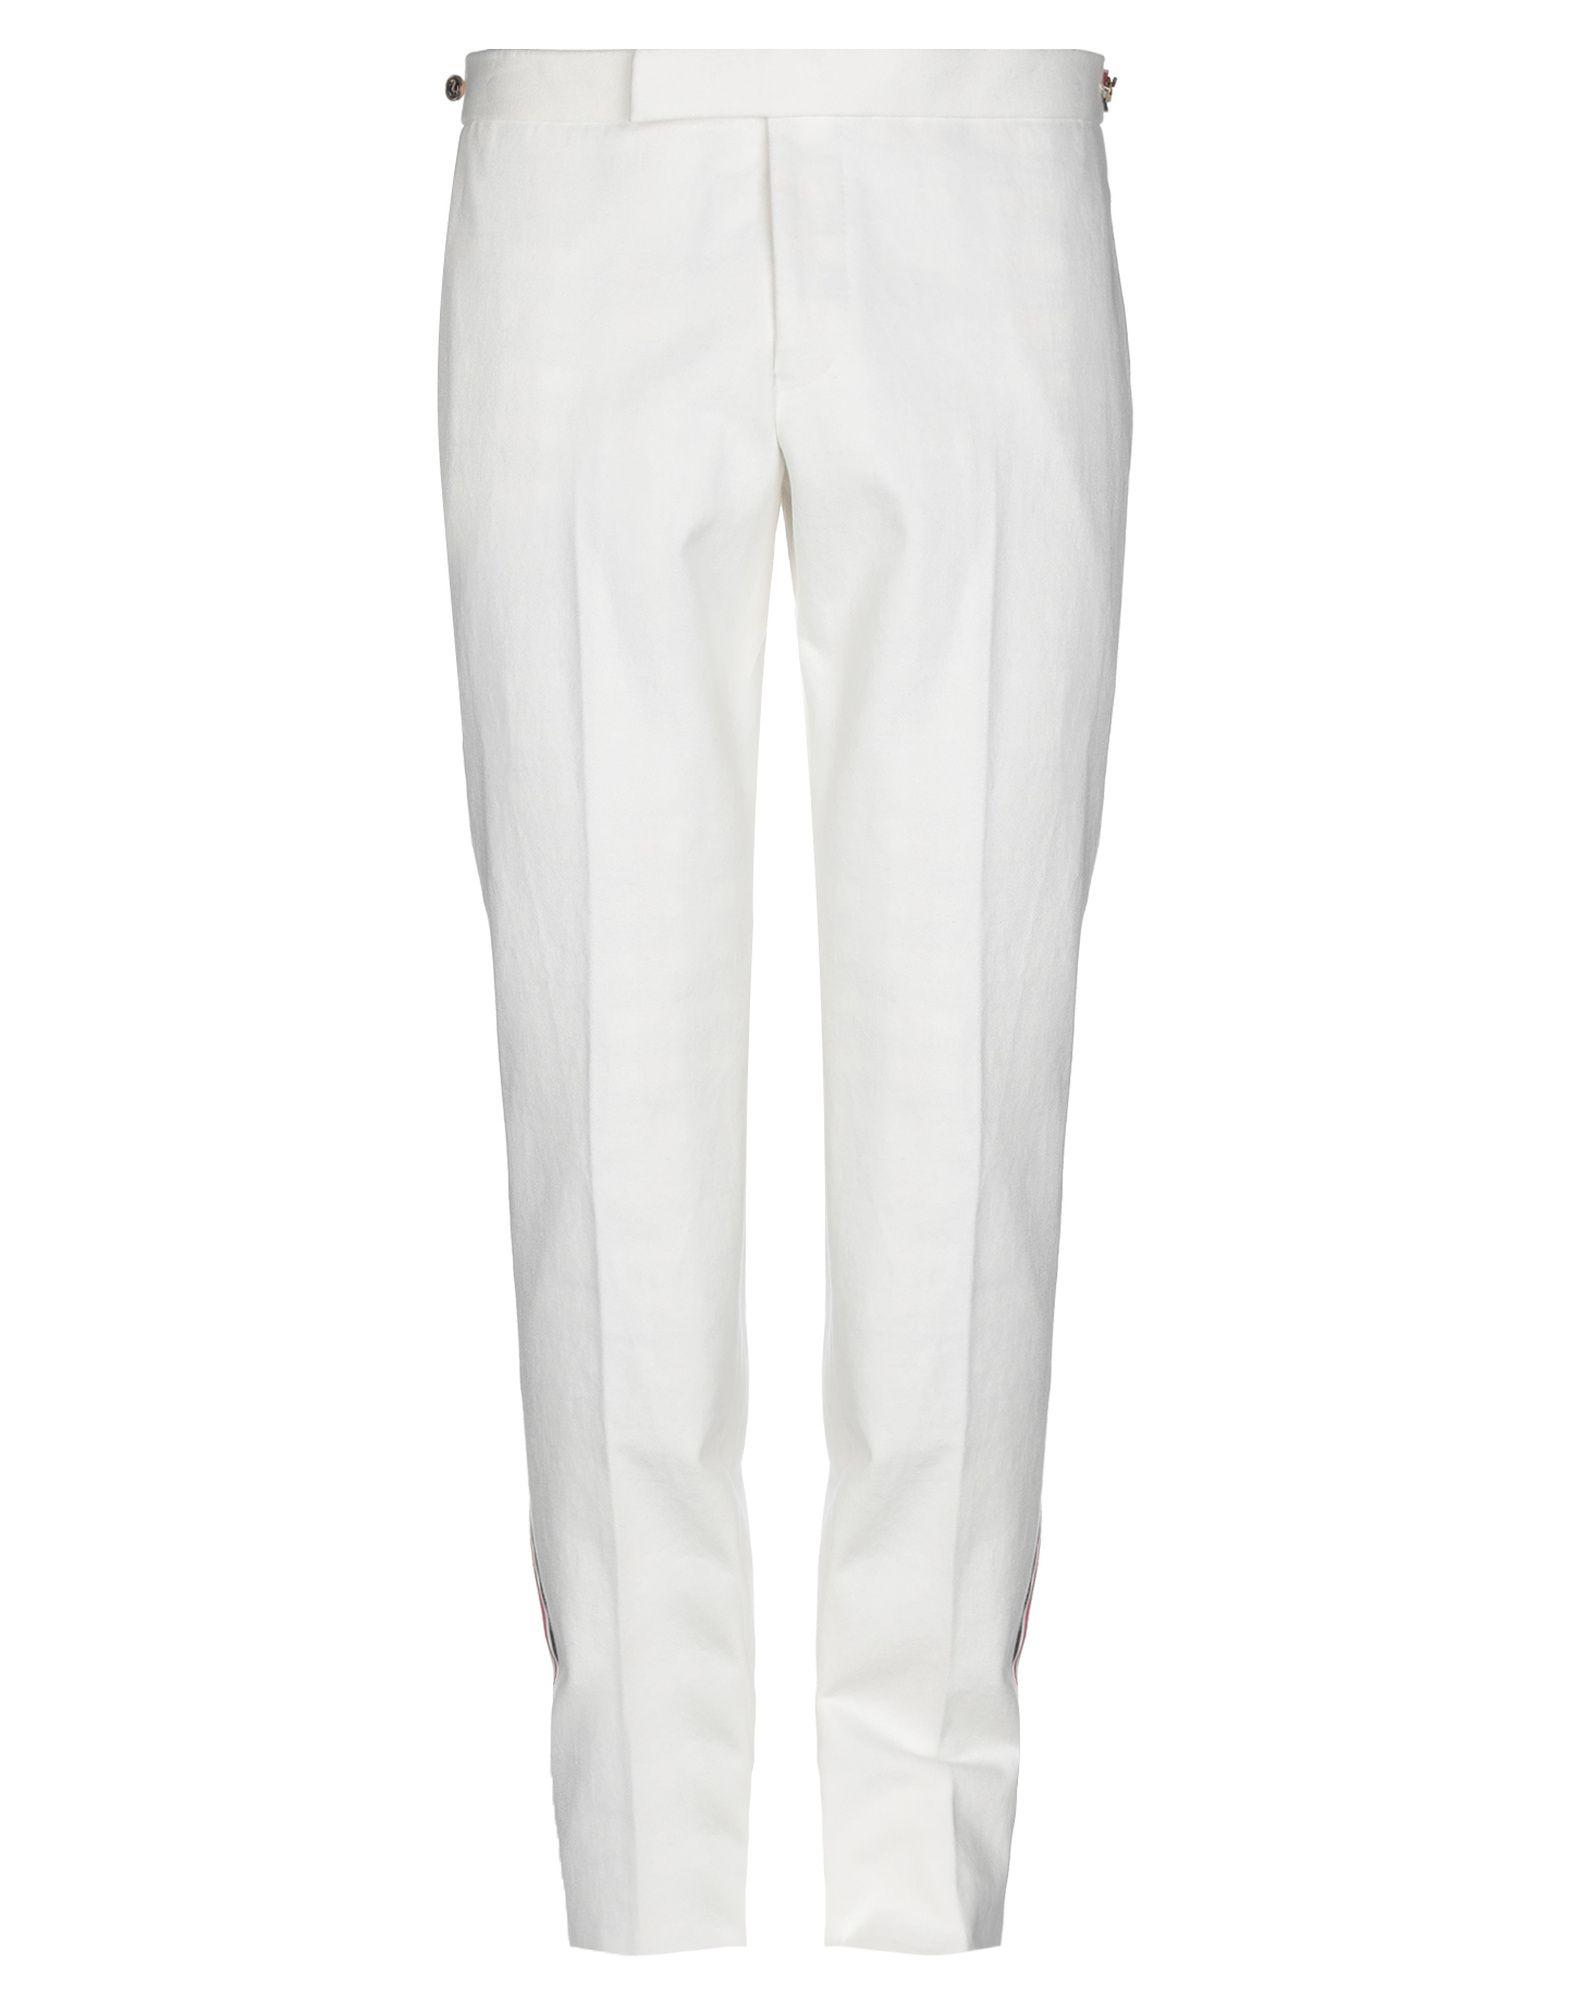 Pantalone Thom Marroneee uomo - - 13307481UW  Sparen Sie bis zu 30-50%